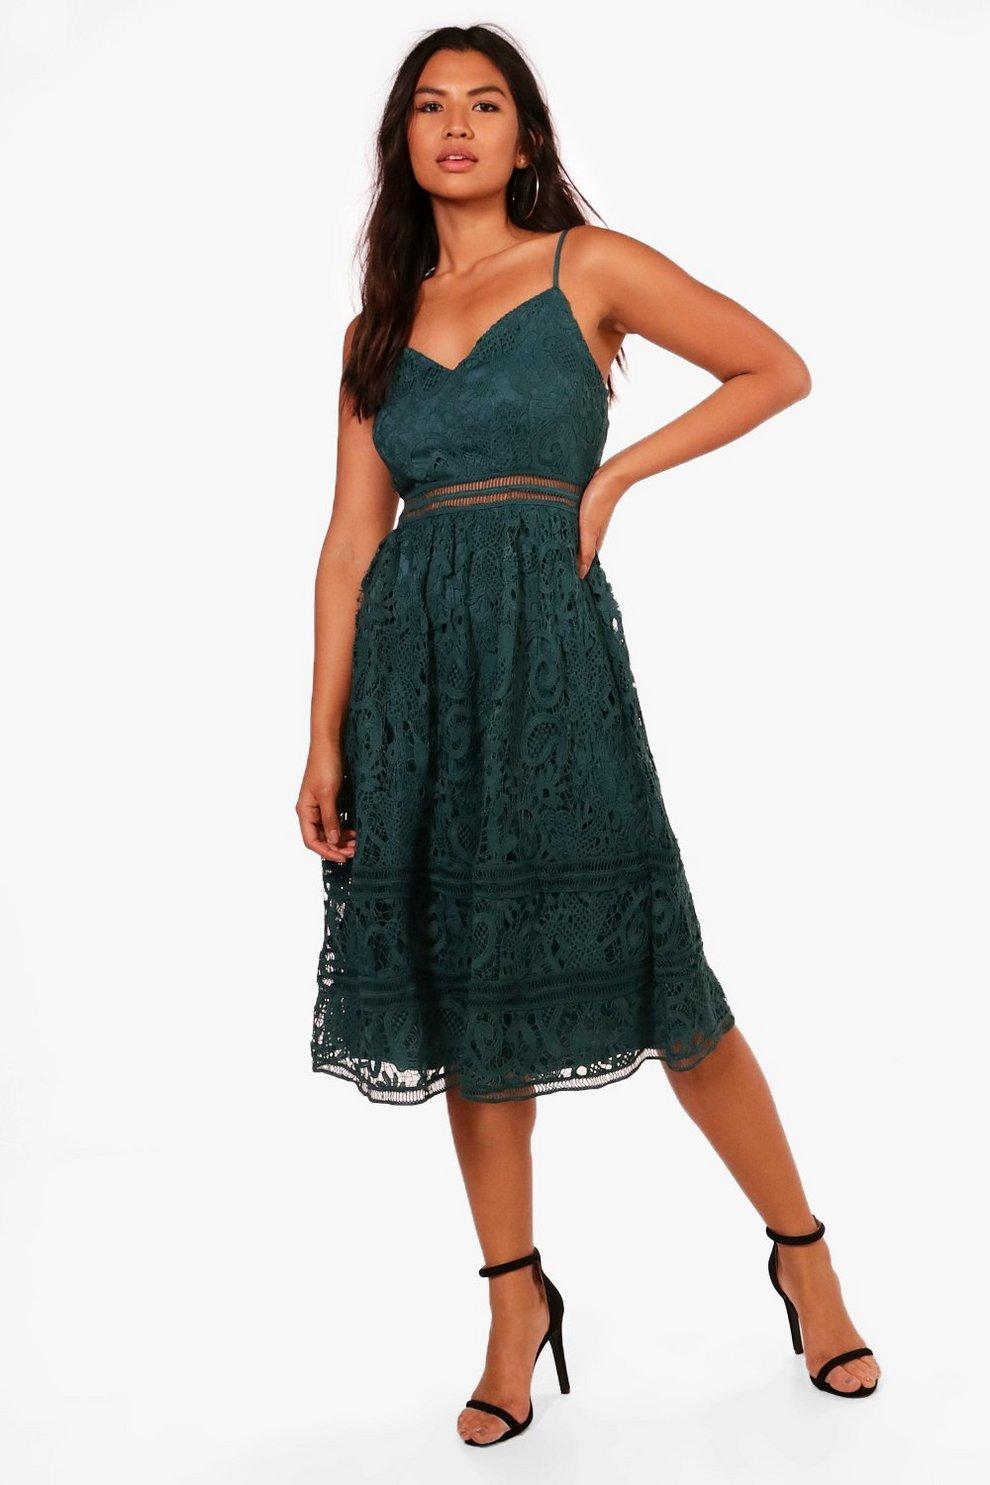 b6180753fa31f Womens Teal Lace Trim Detail Midi Skater Dress